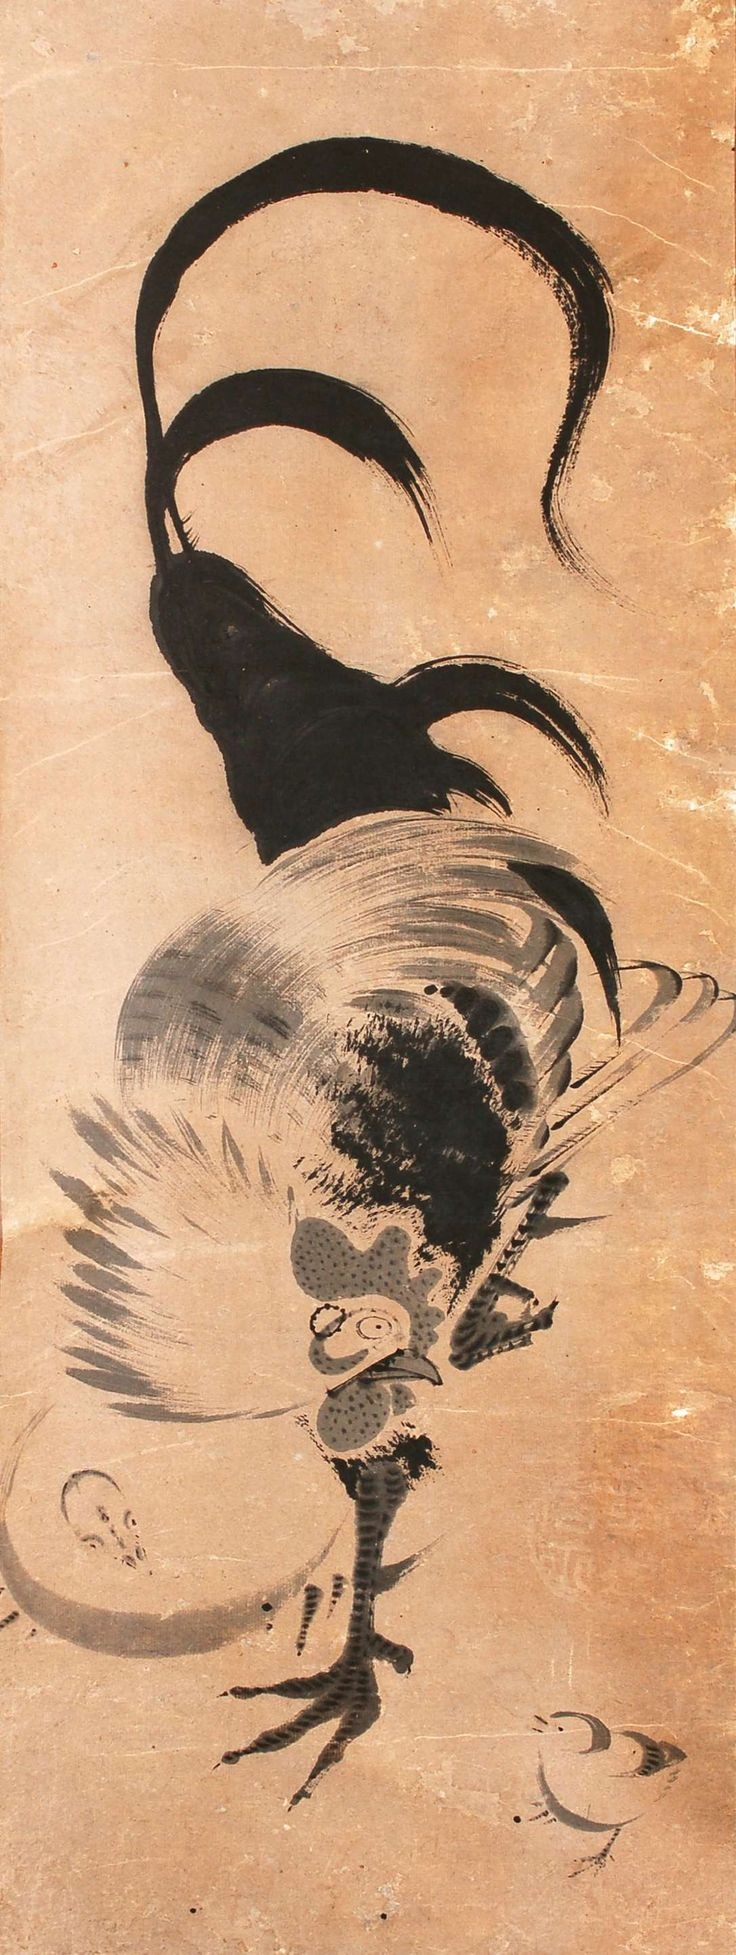 Jakucho Ito